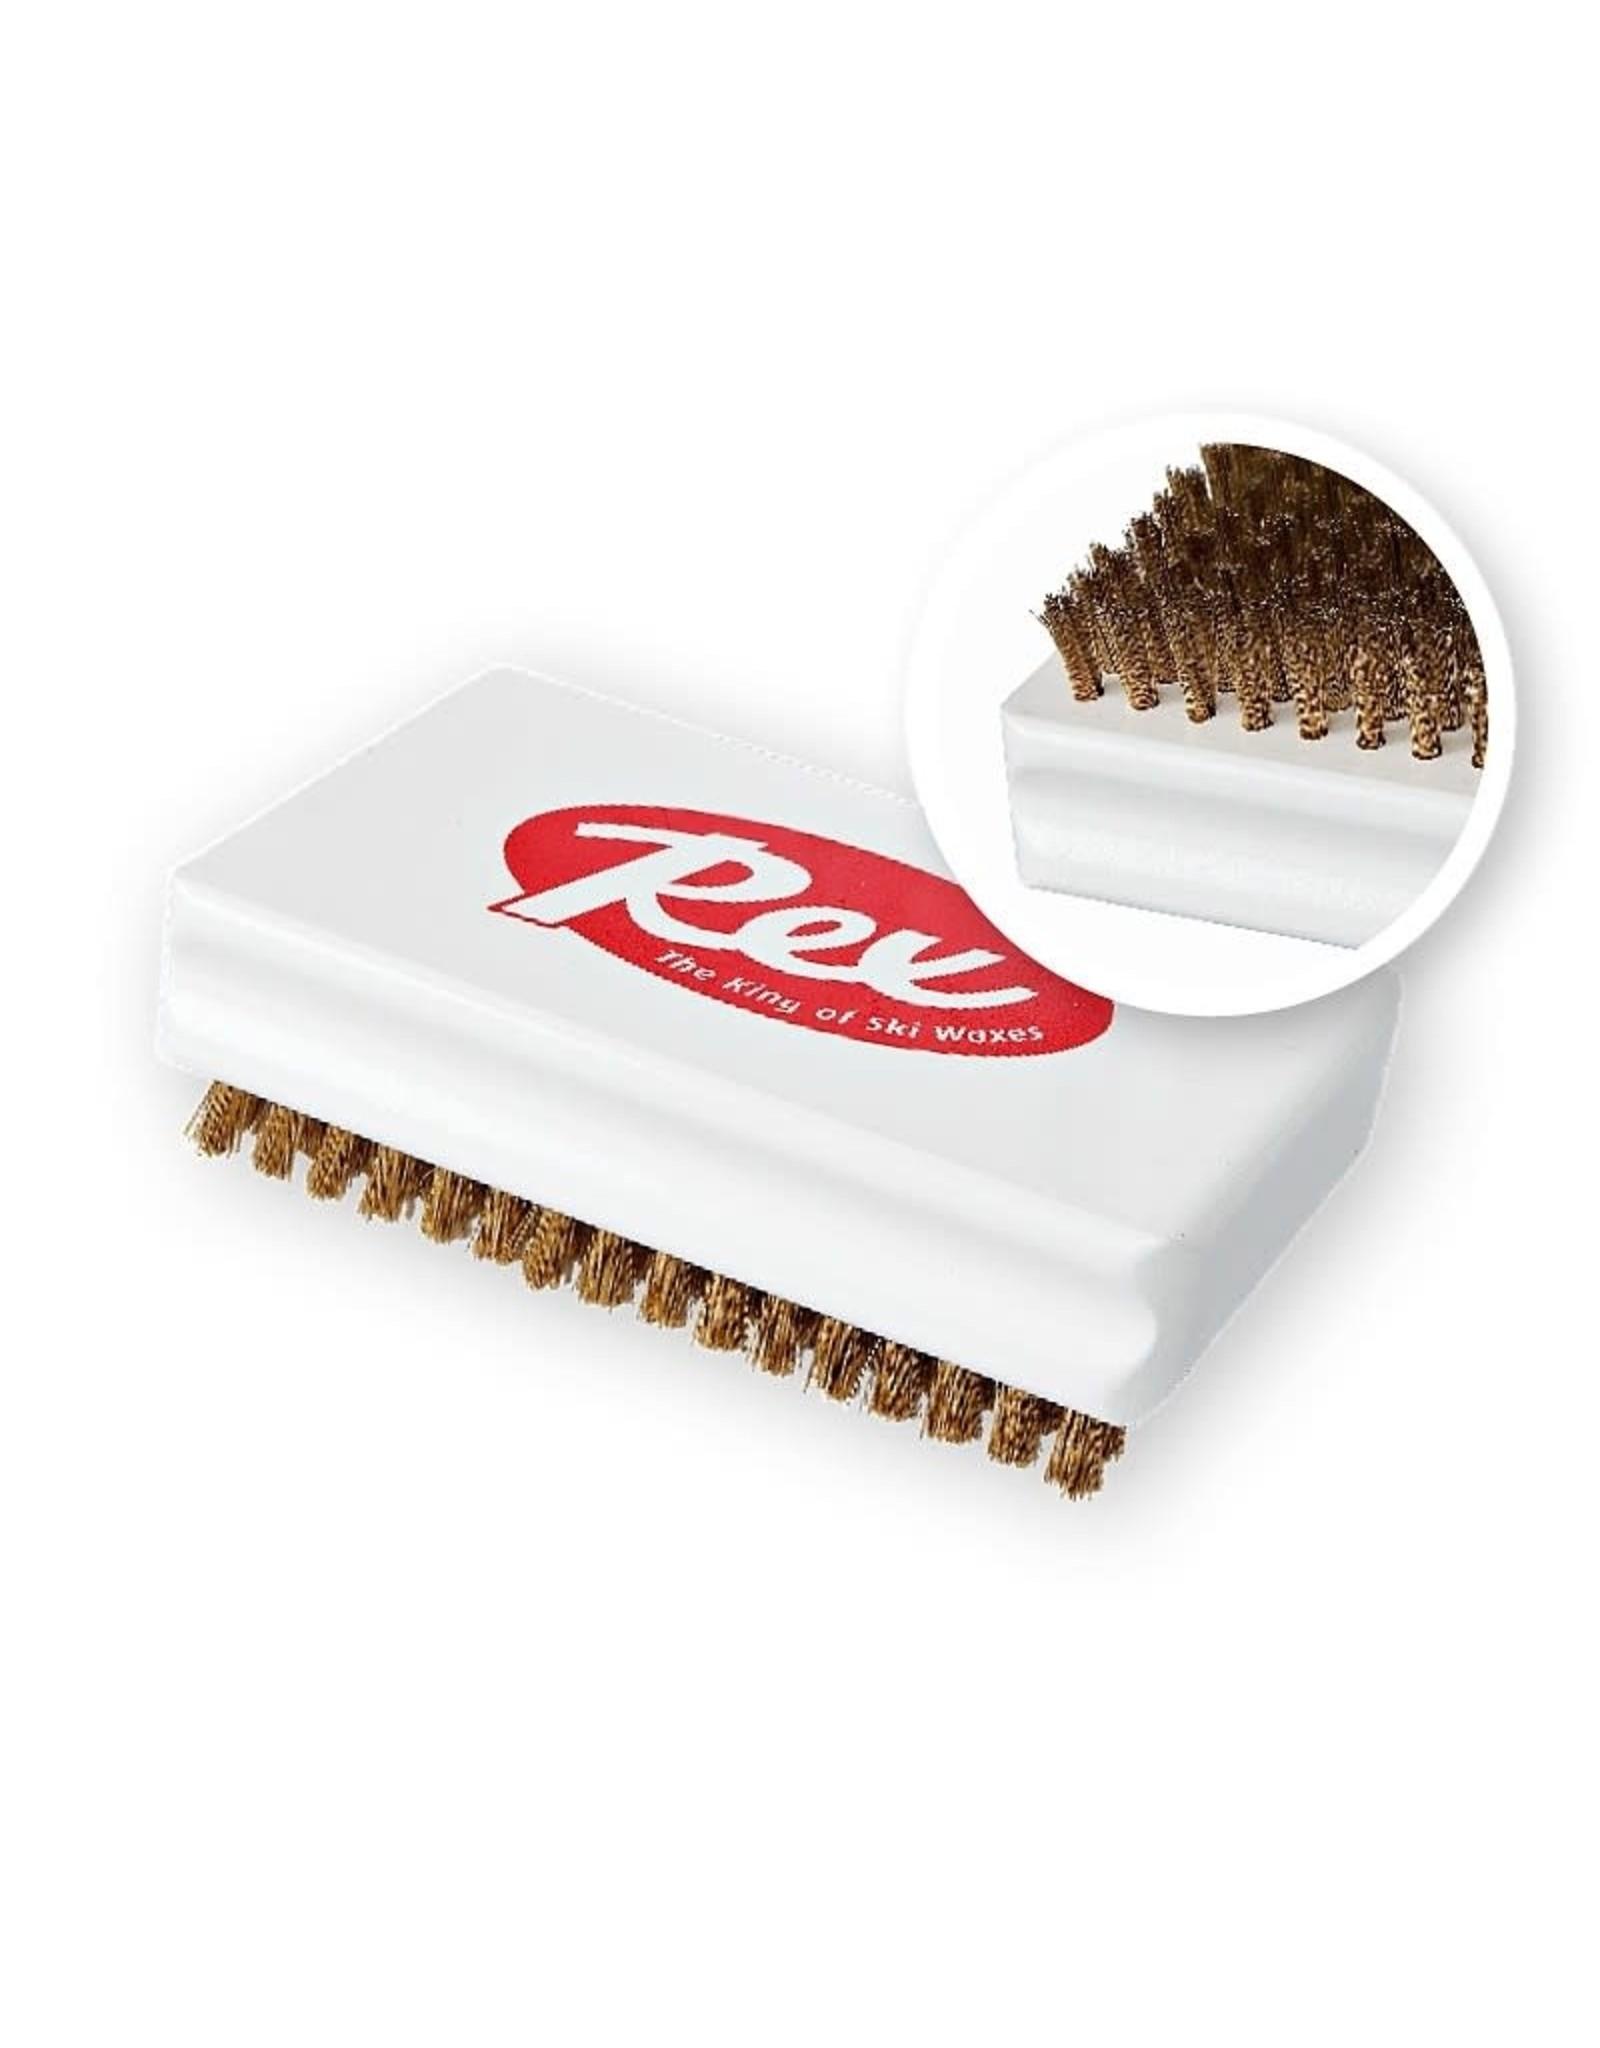 Rex Rex Brass Brush